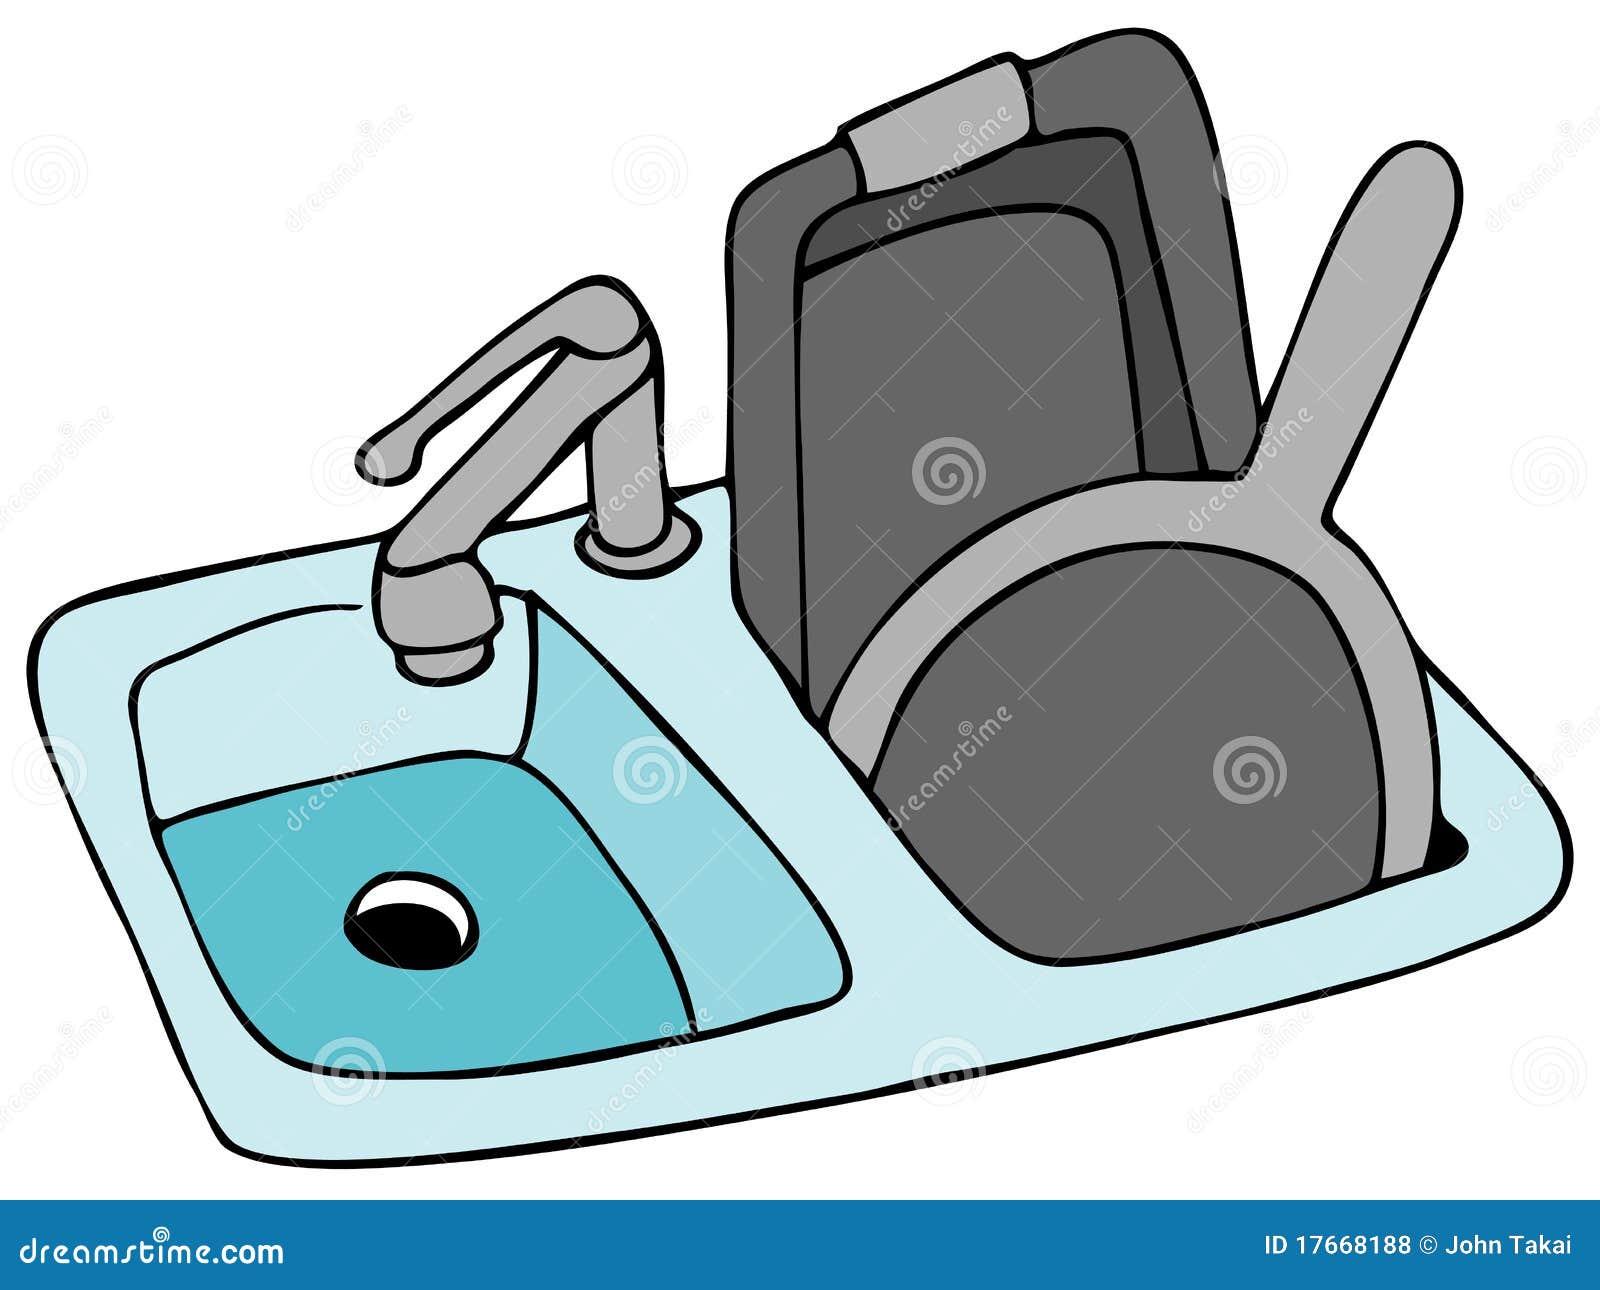 Kitchen Sink Web Design